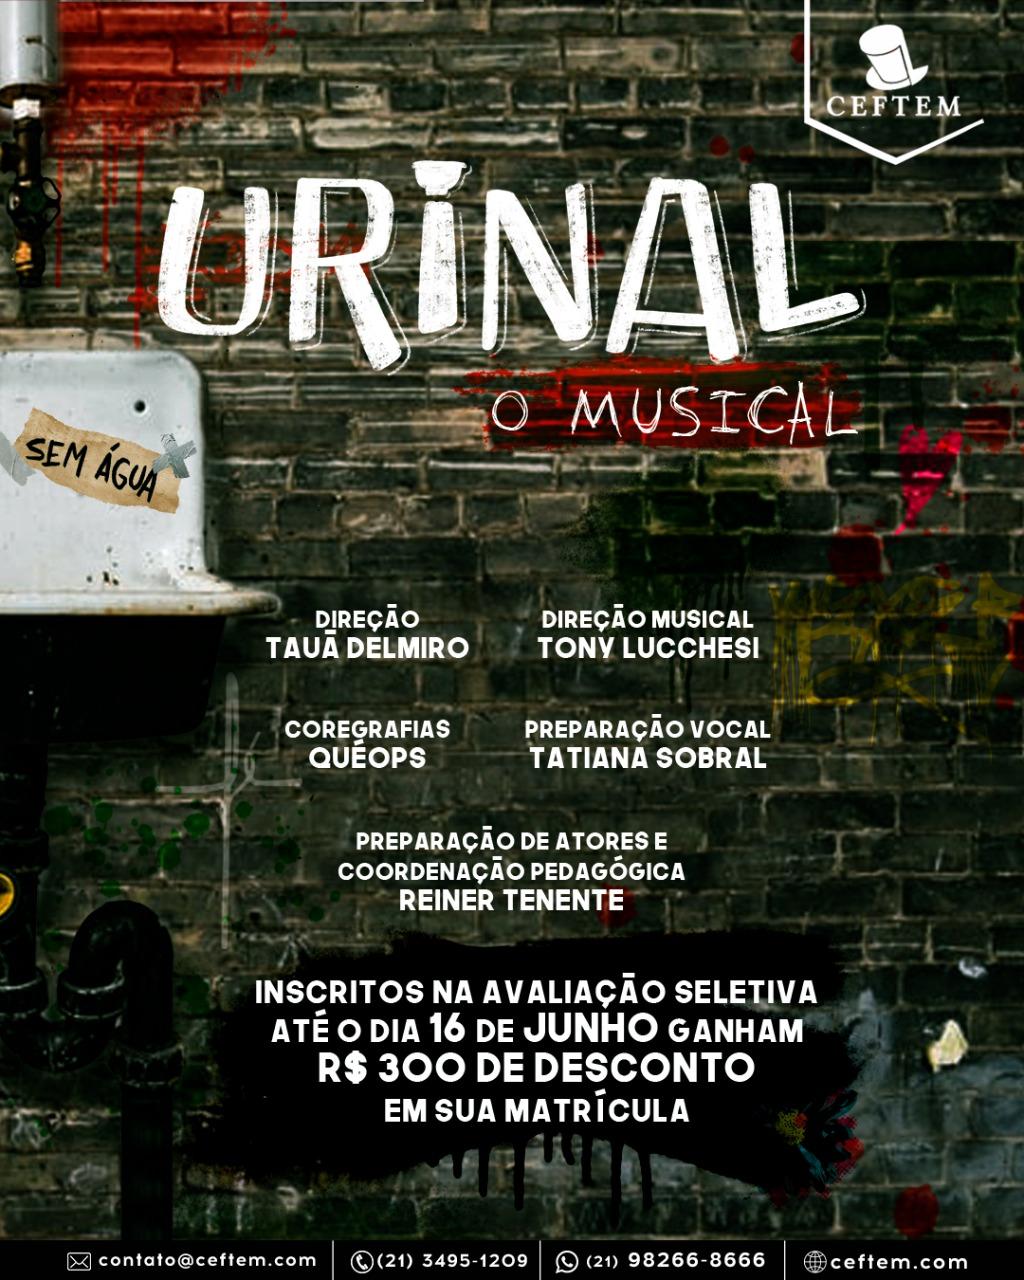 Imagem para curso de Urinal - O Musical